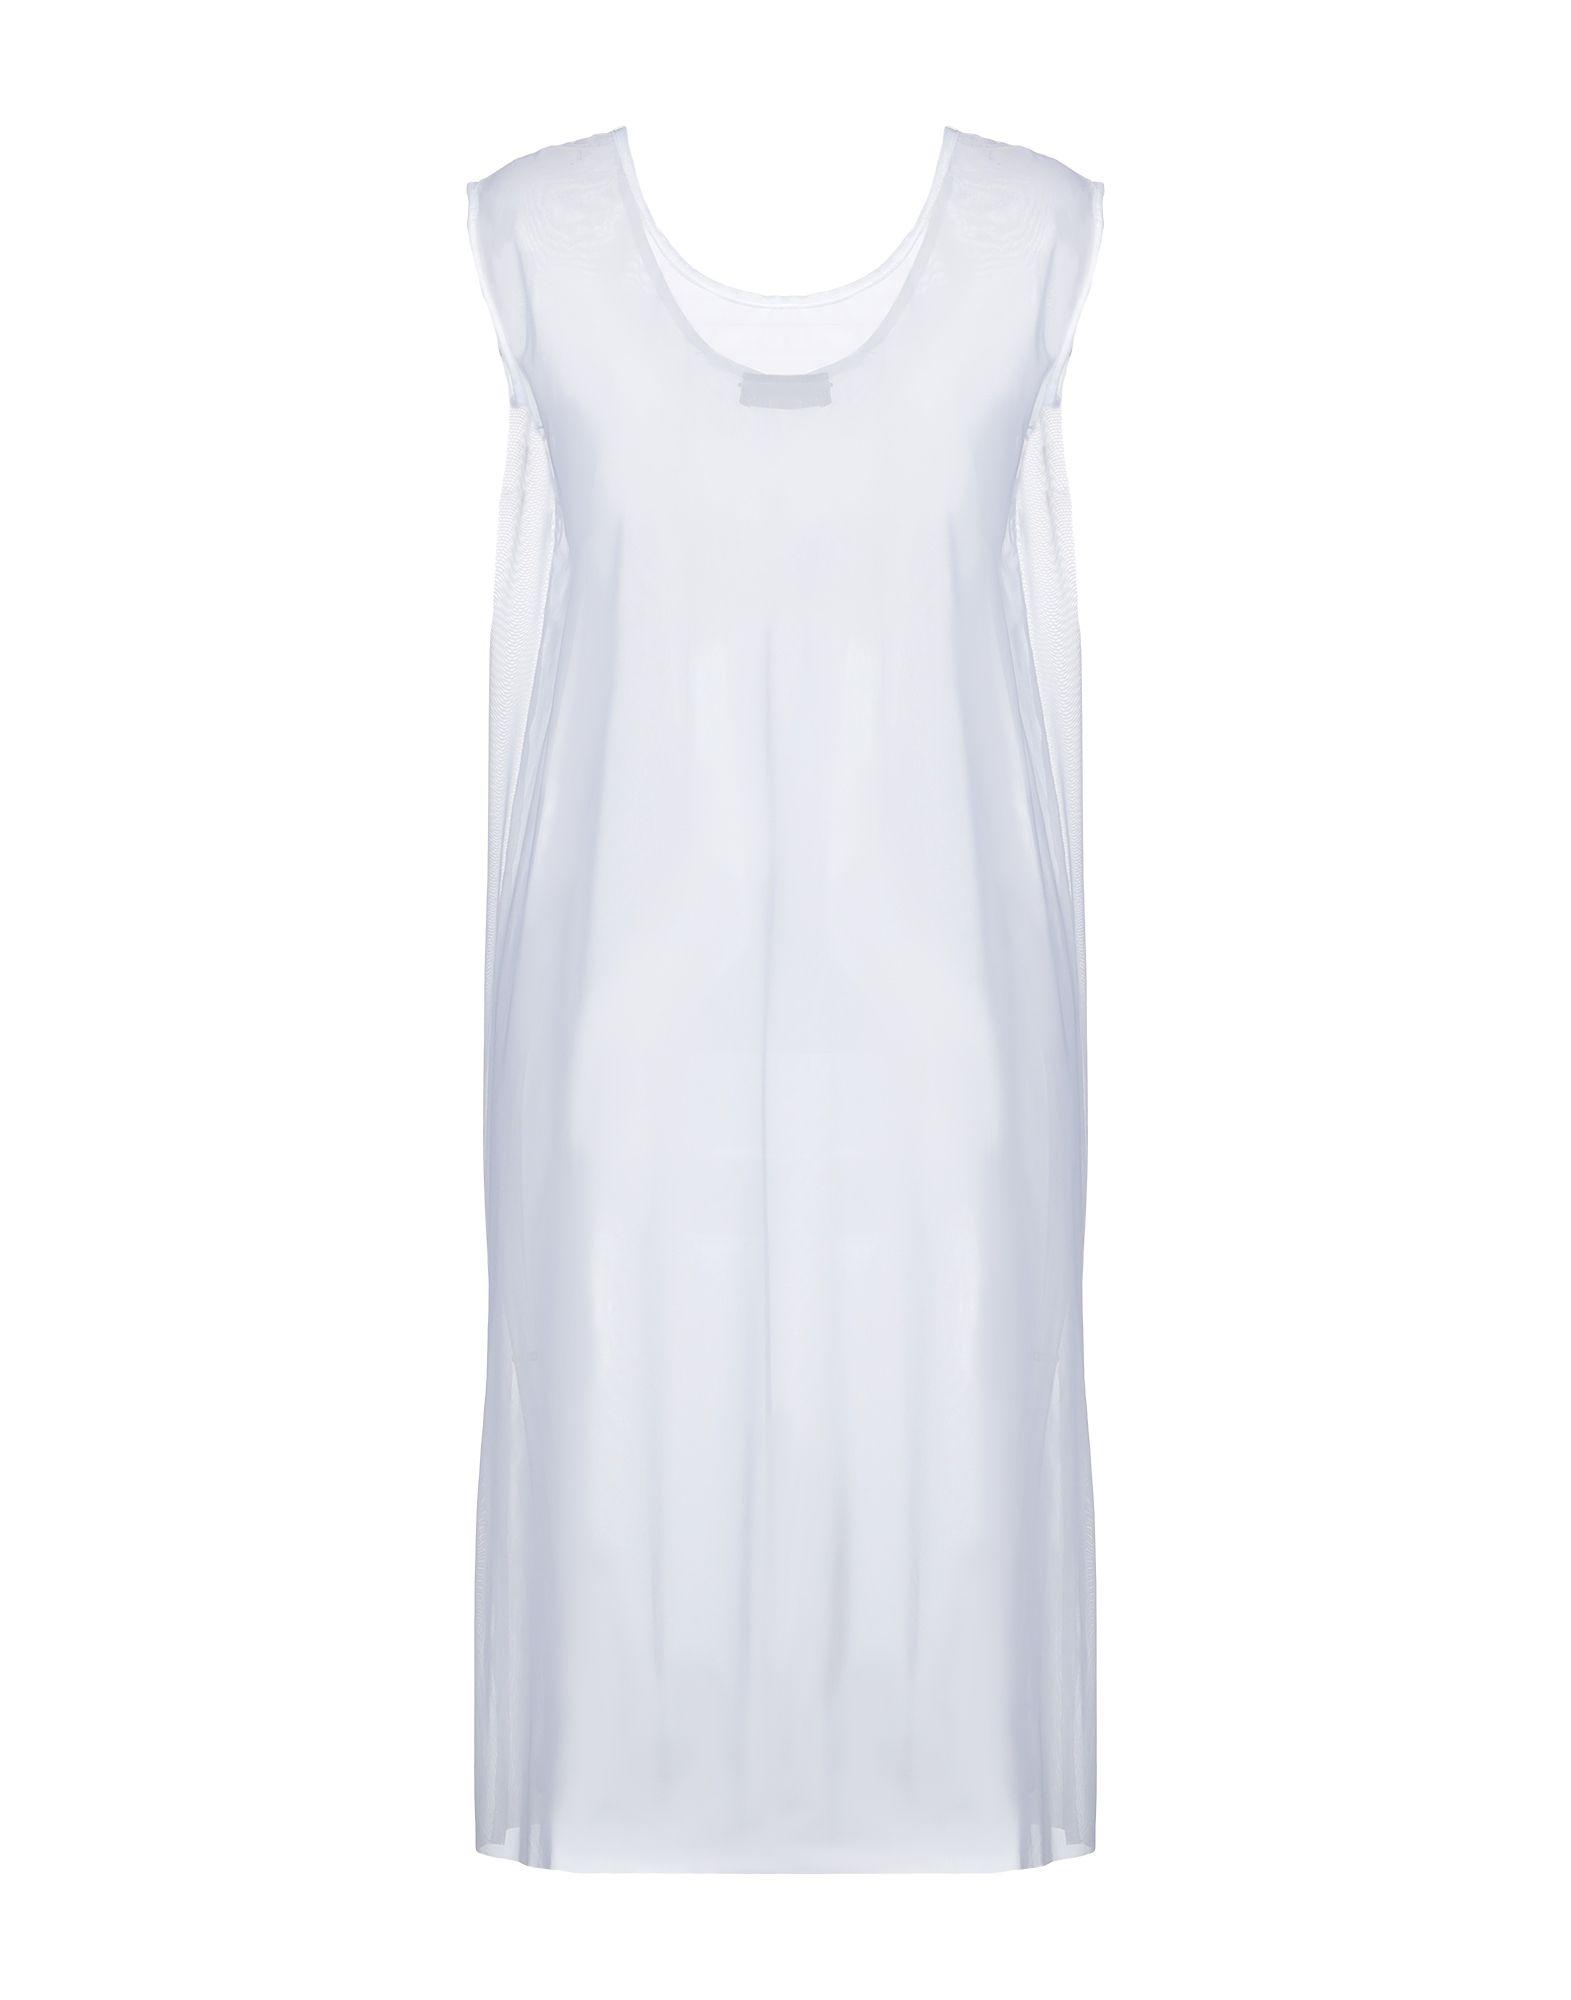 SATÌNE Короткое платье платье короткое с графическим рисунком без рукавов